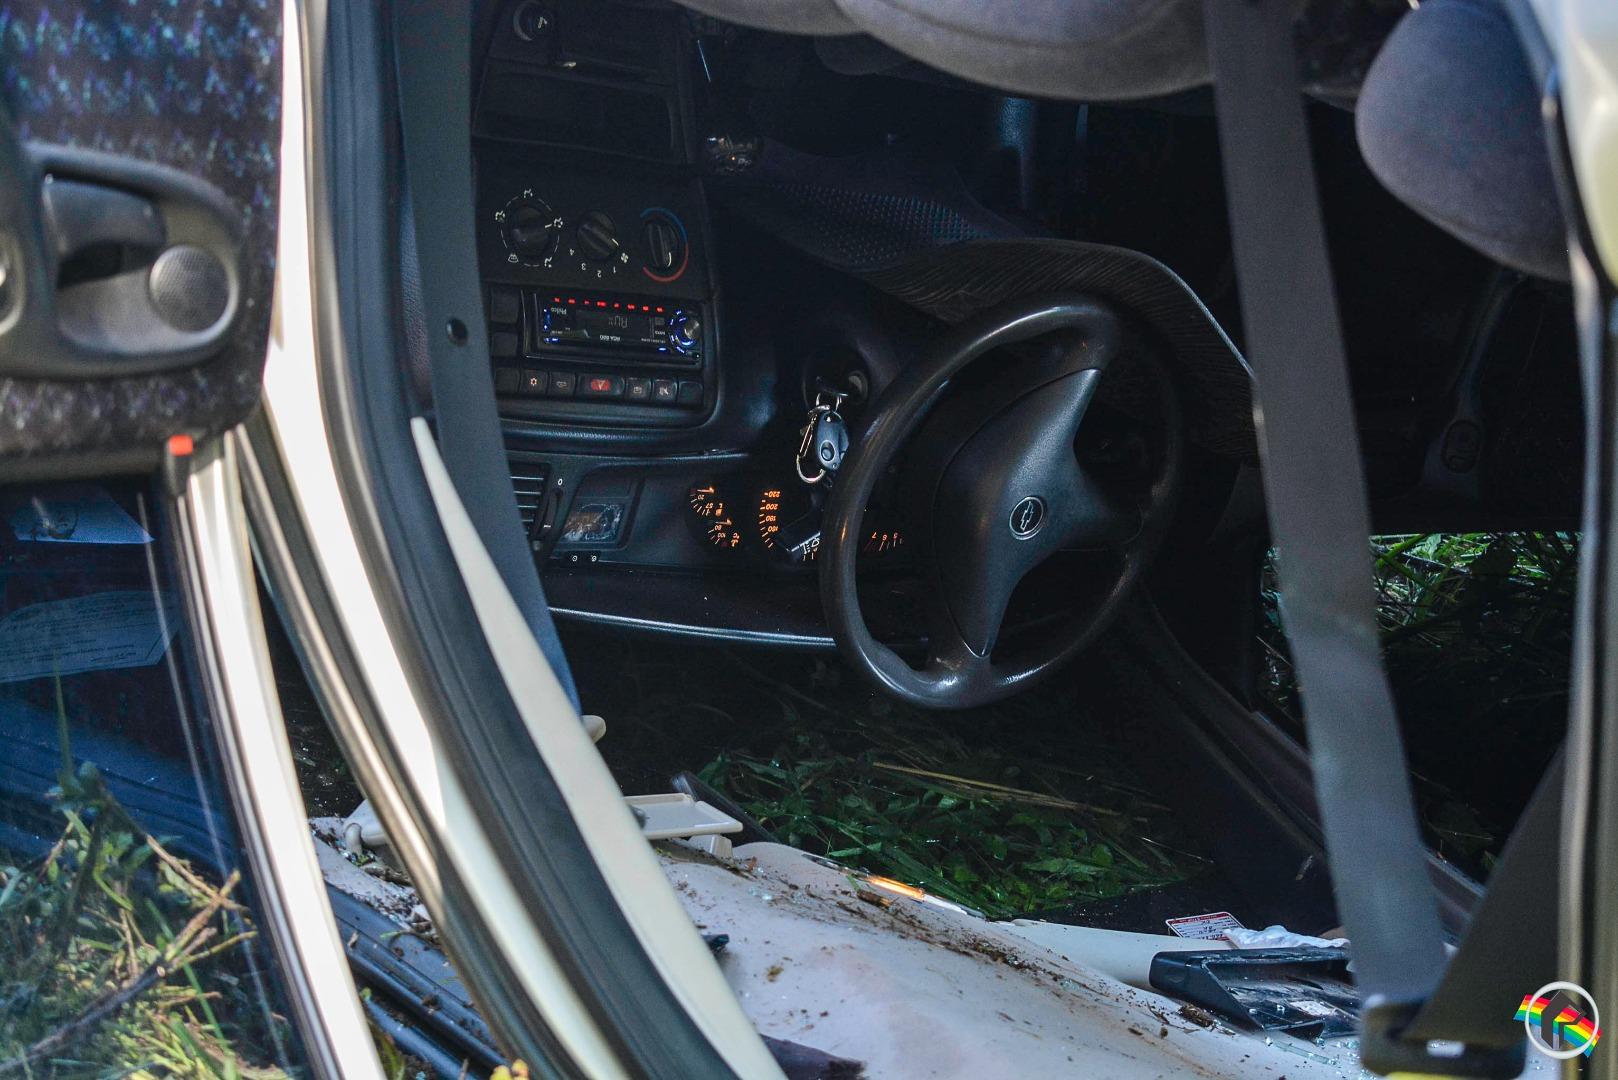 VÍDEO: Veículo sai da pista e capota na SC-492 em São Miguel do Oeste